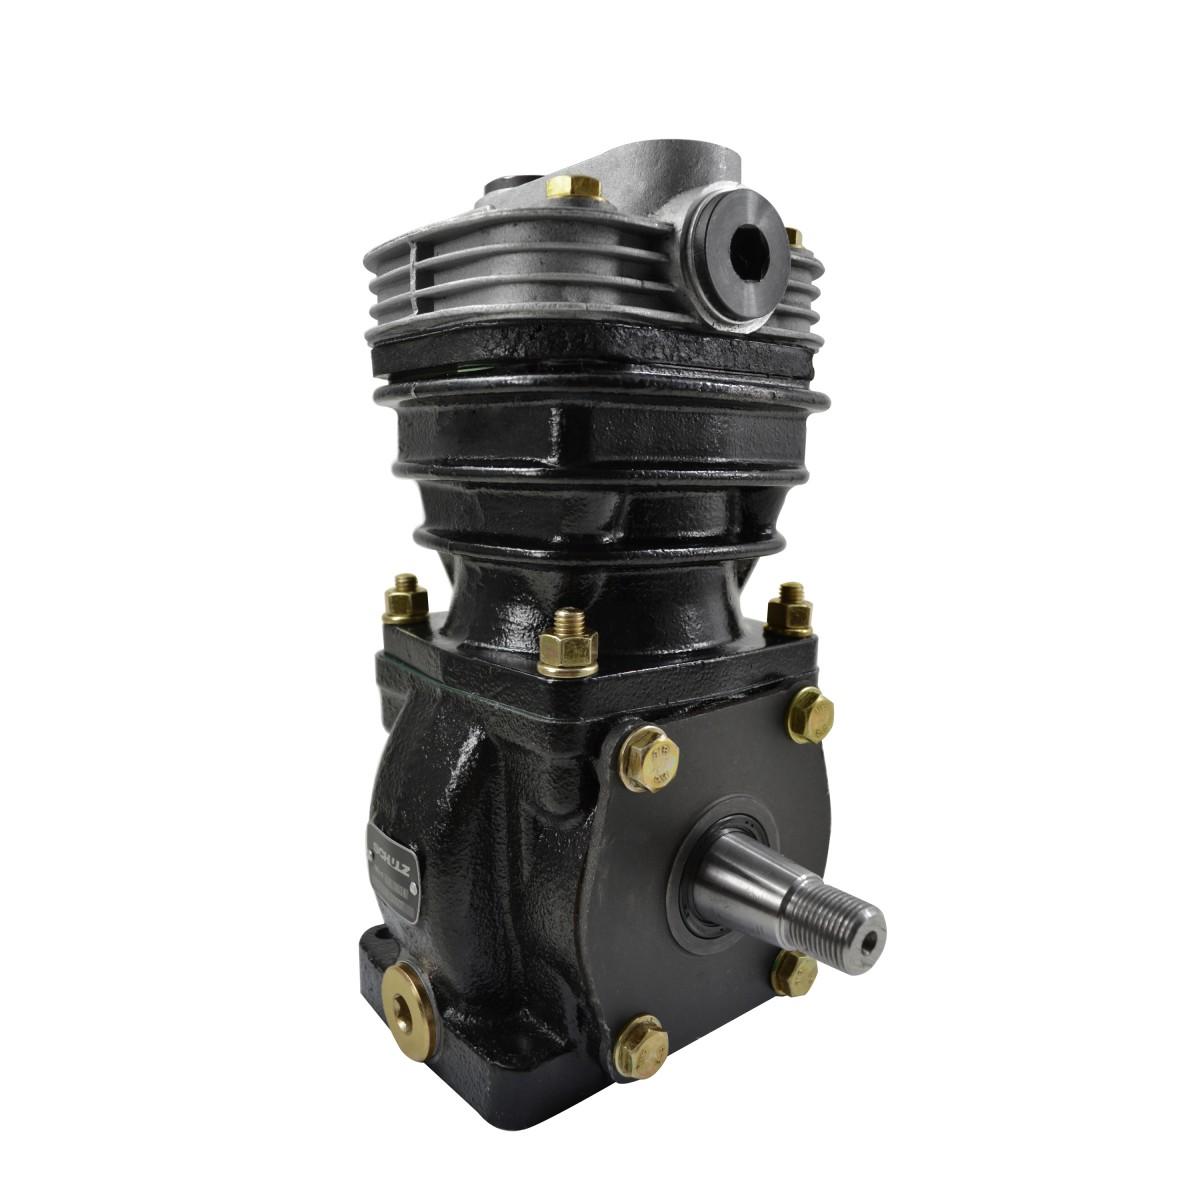 Compressor de ar monocilindro lk 1527 (kit agricola)  - Dinatec Pecas e Servicos